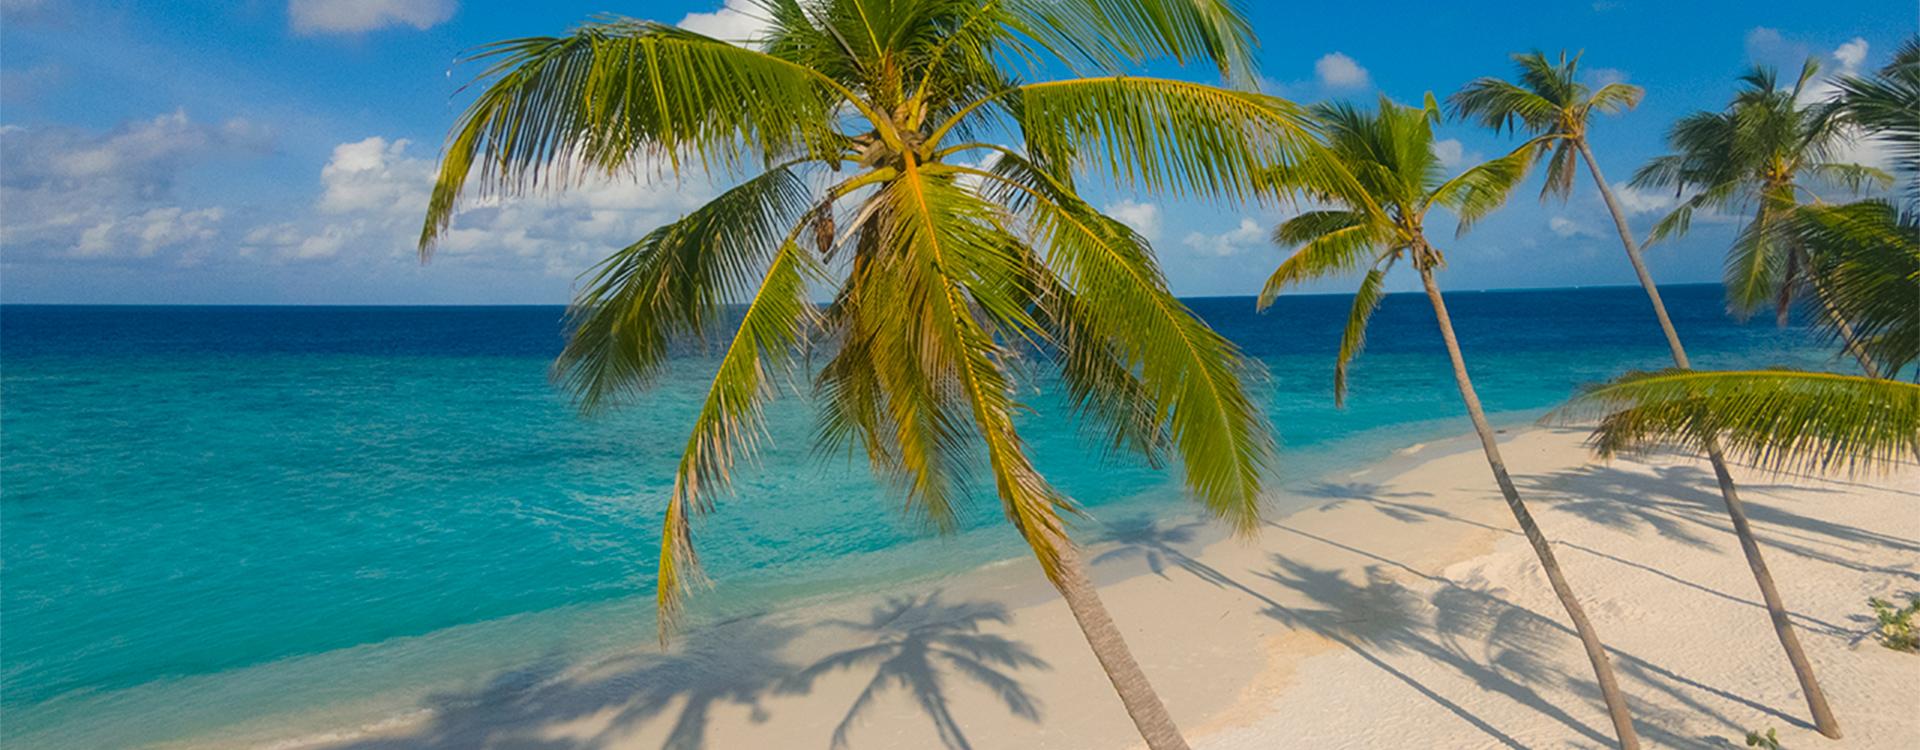 Milaidhoo Island Beach